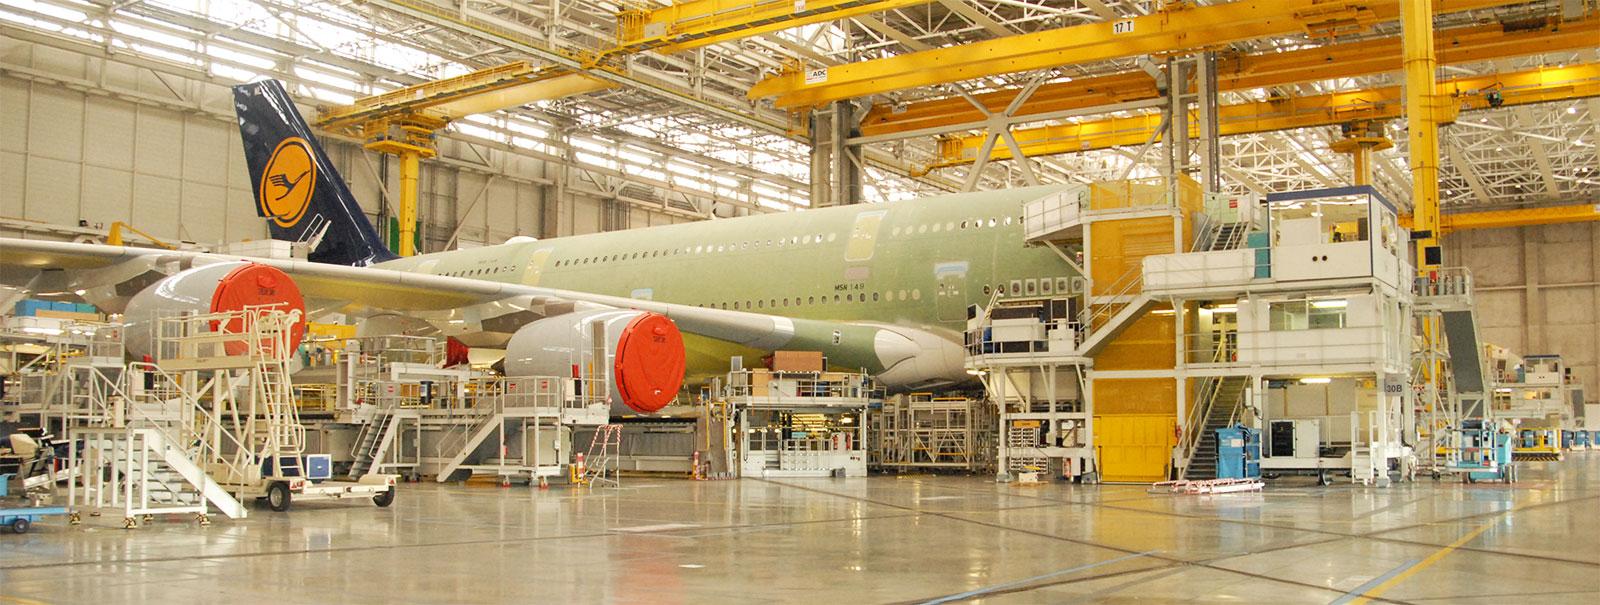 Lufthansa A380 being assembled